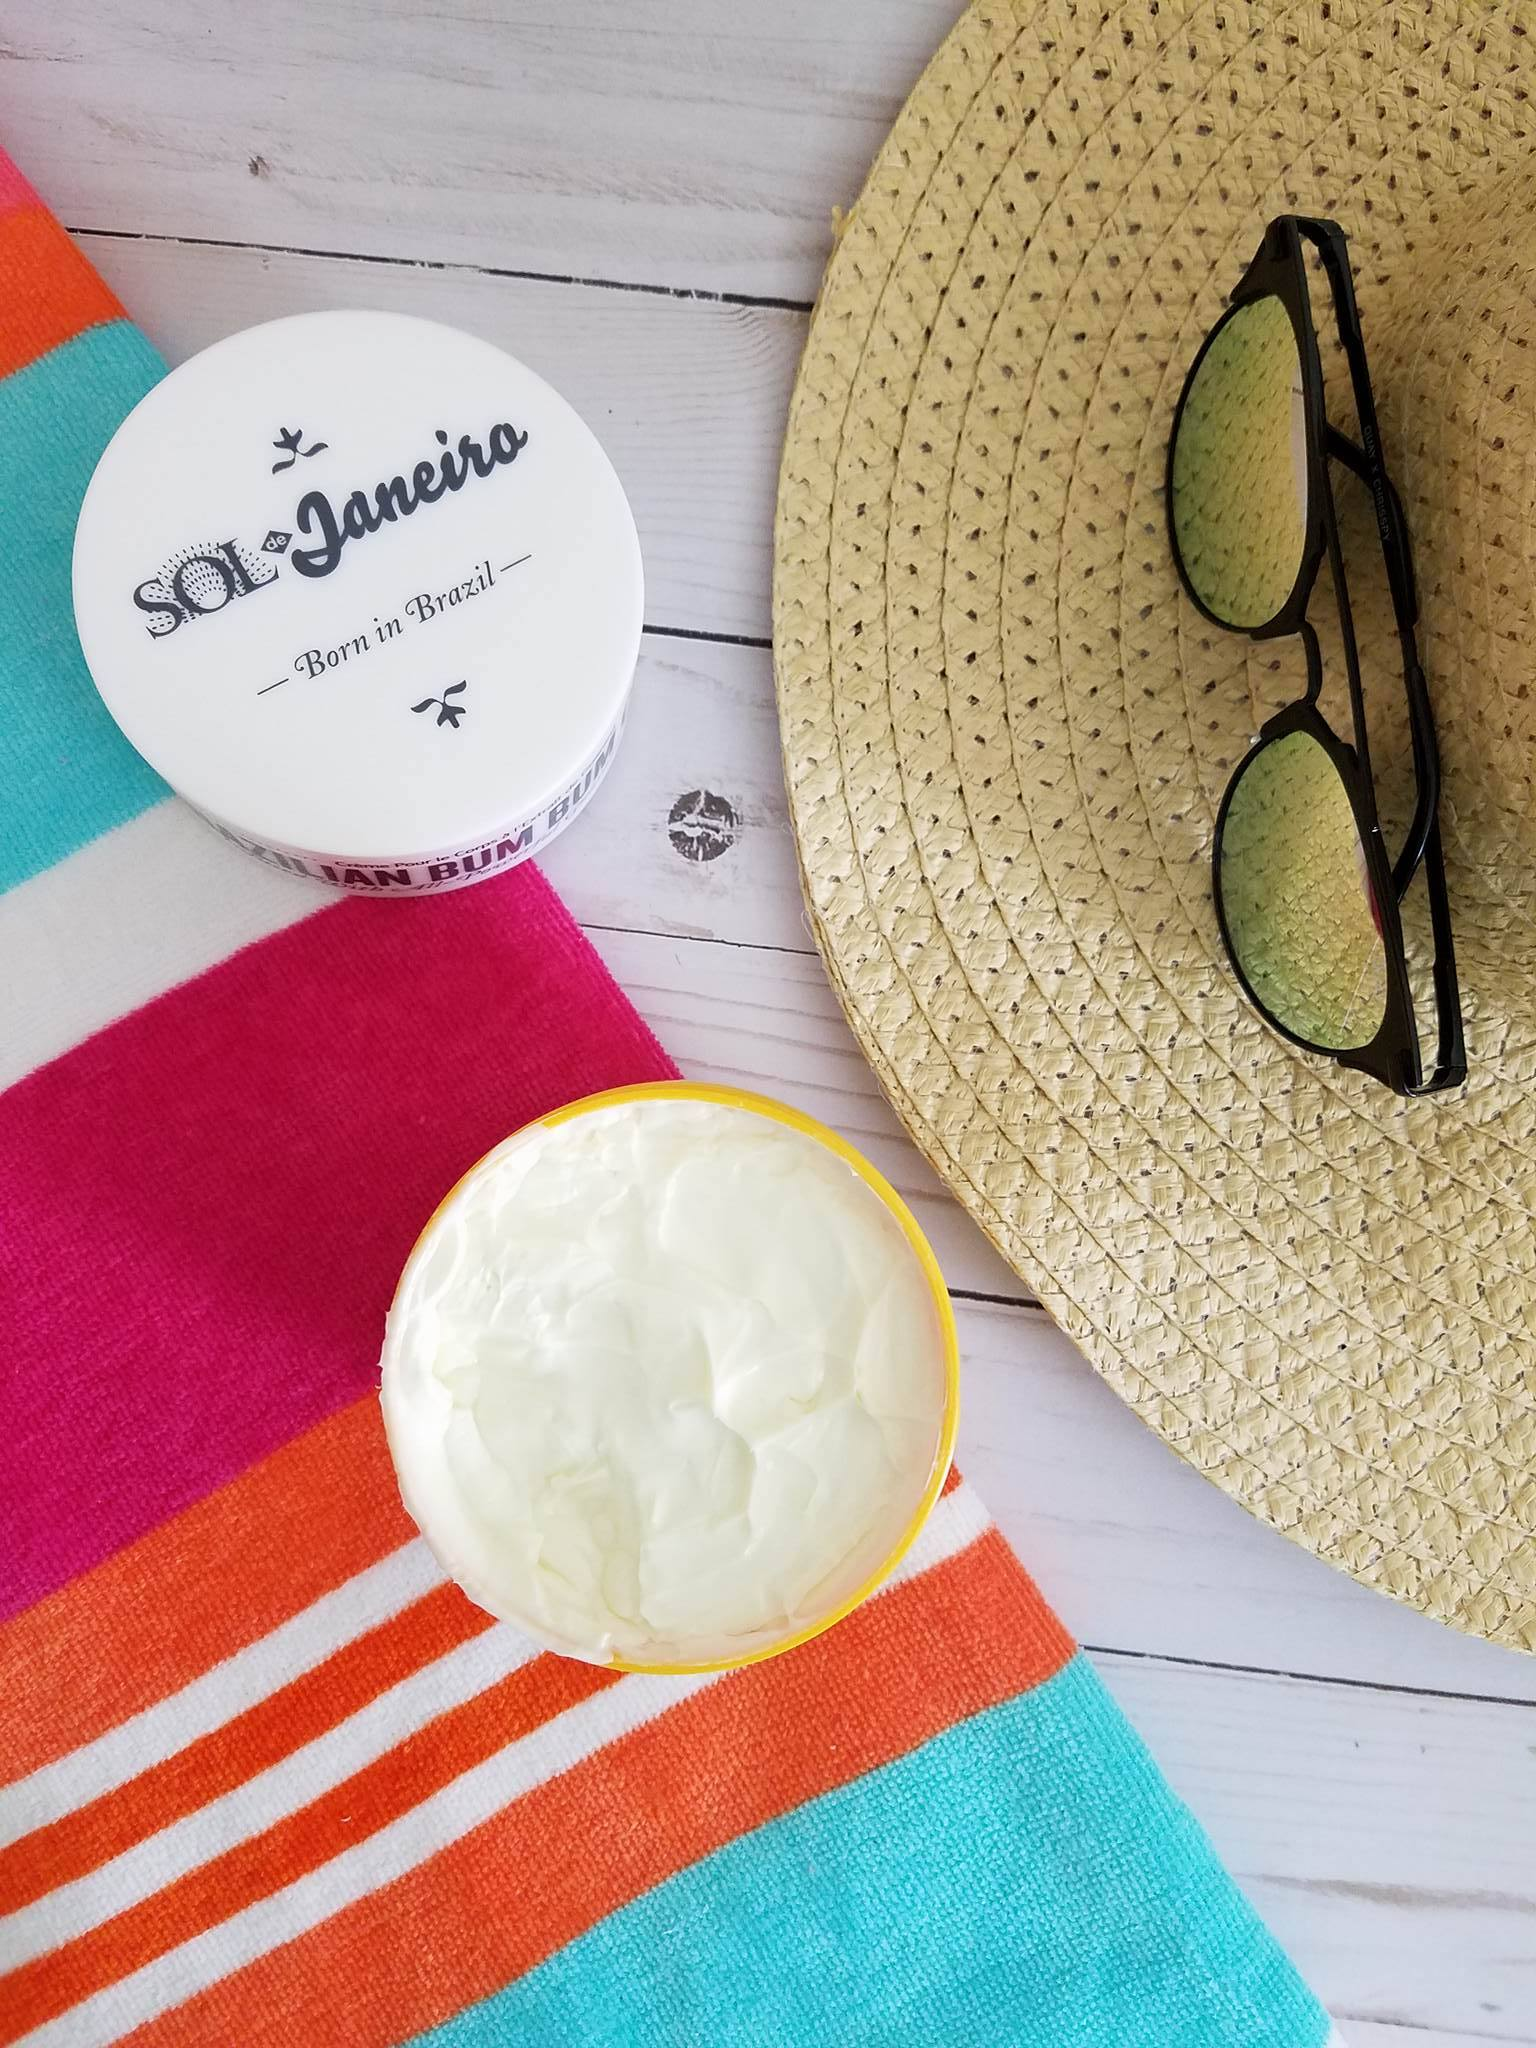 Sol de Janeiro Bum Bum crema corporal con  fragancia tropical reseña blog Alicia Borchardt